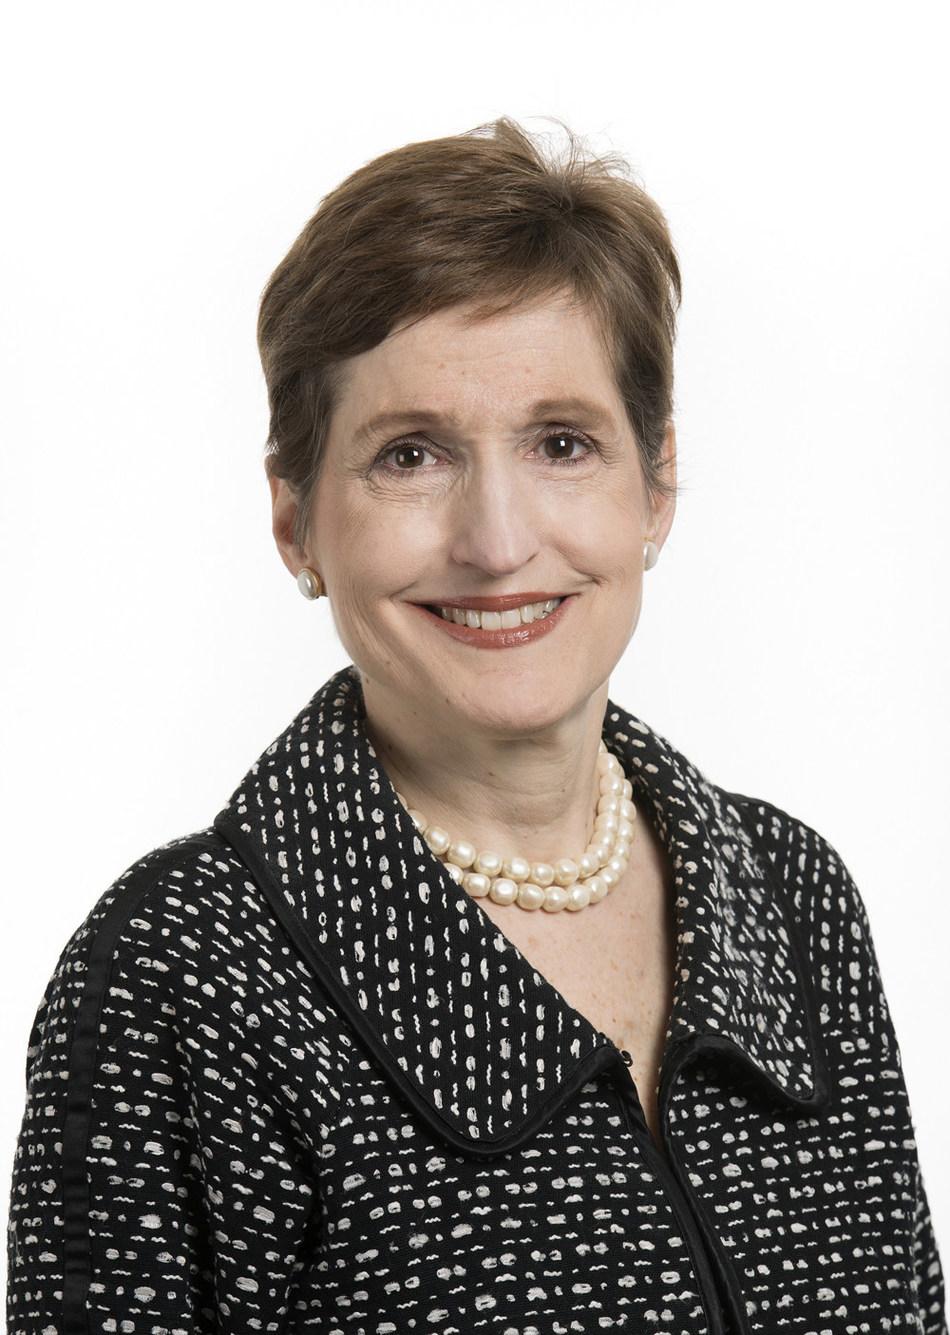 Ann Caulkins named as senior vice president of Novant Health and president of Novant Health Foundation